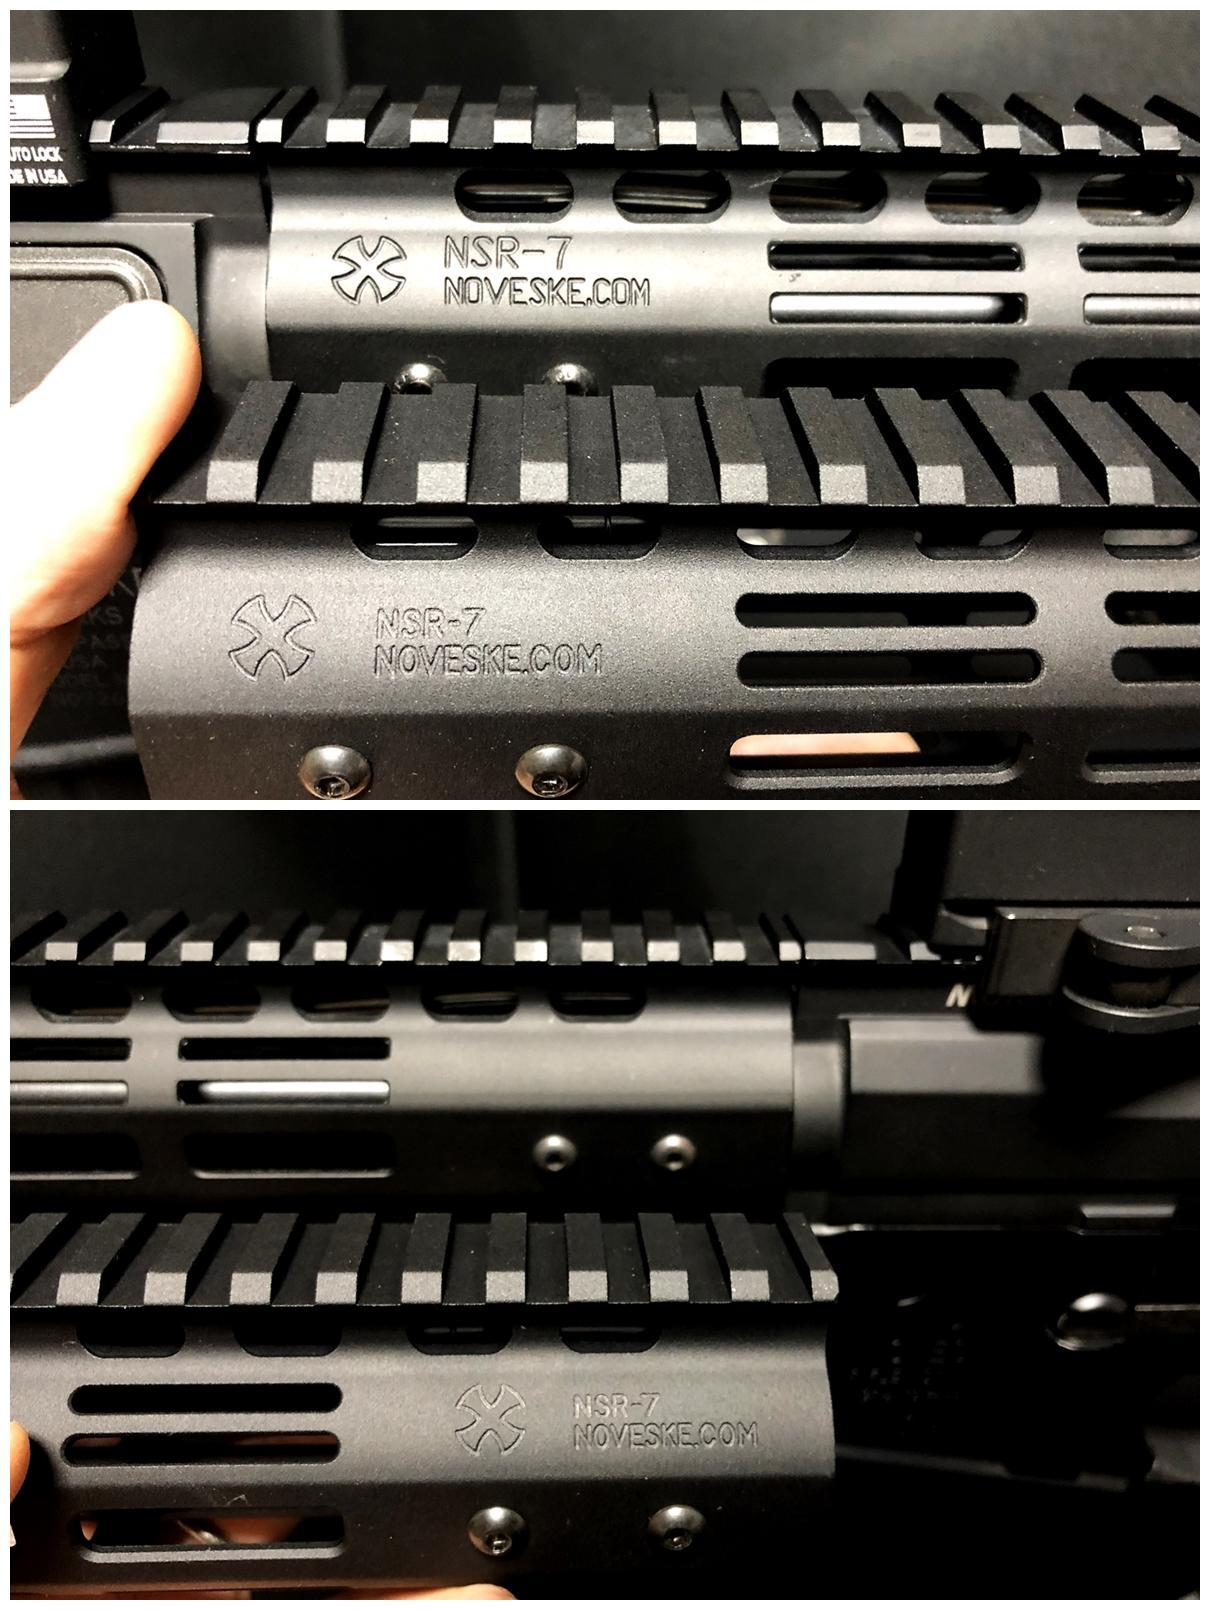 14 『微々たる変化』と『微々たる進化』 IRON vs 5KU M-LOK NSR NOVESKE TYPE N4 M4 AR15 ハンドガード 購入 分解 交換 検証 取付 レビュー